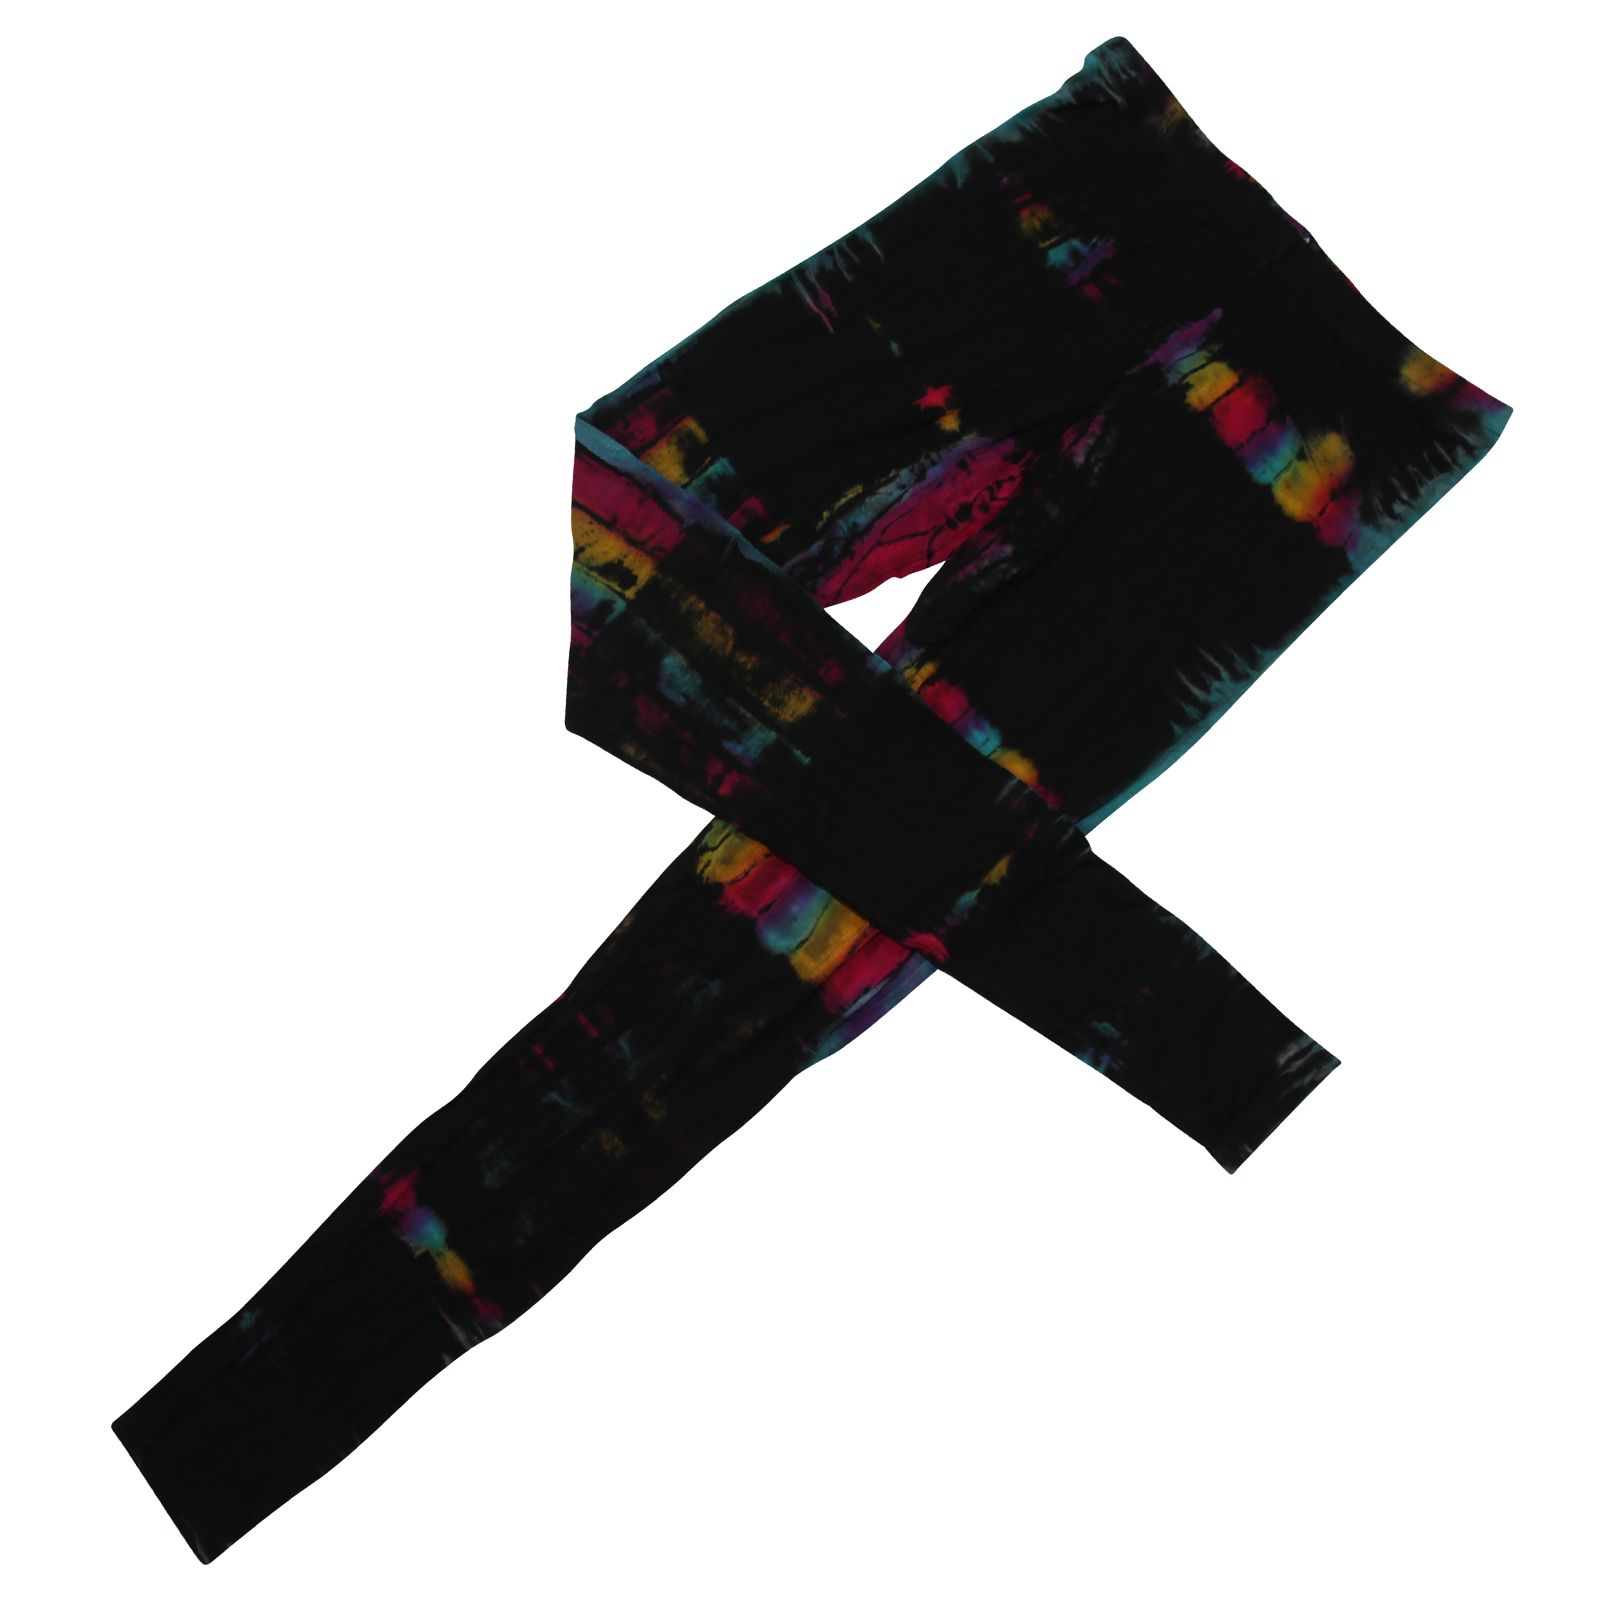 Samunshi Kinder T-Shirt Frosch Kröte  7 Farben  94-128